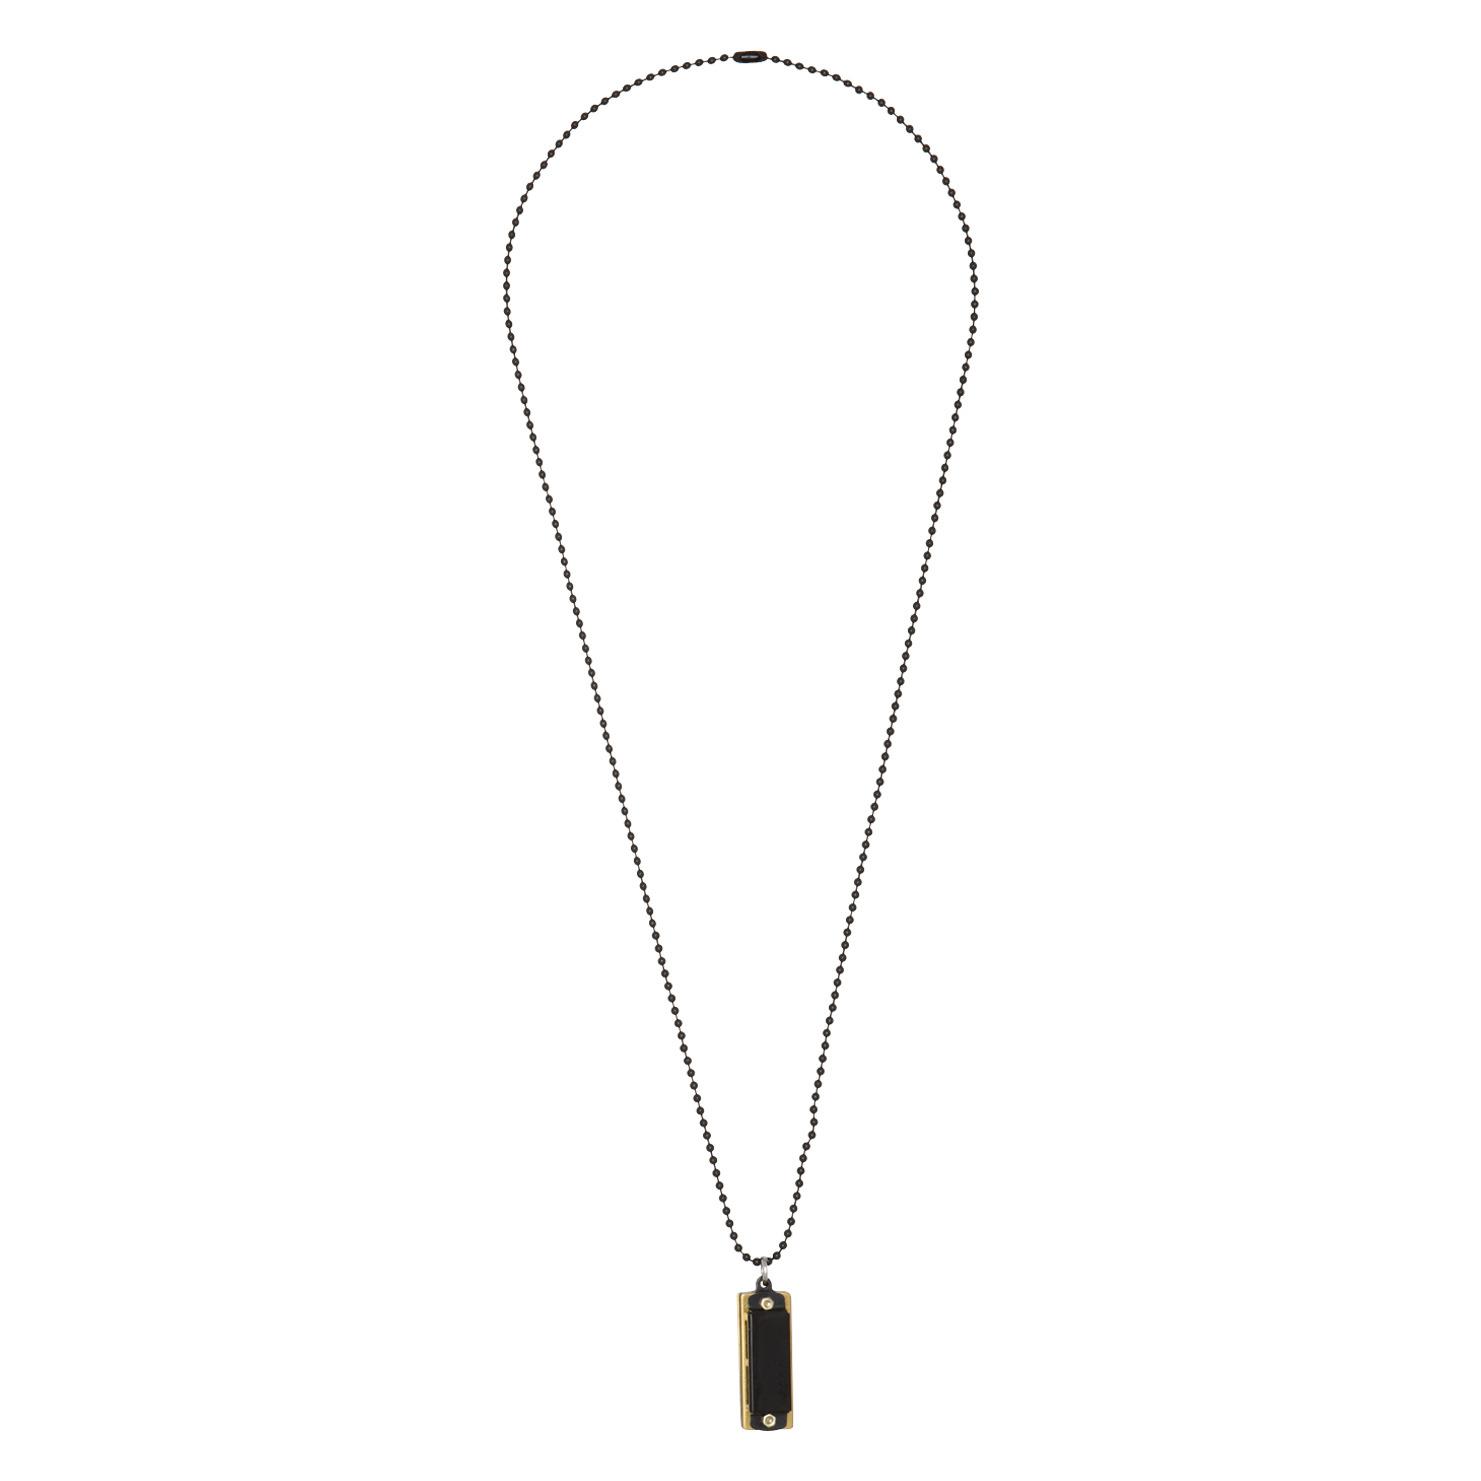 ALDO Pierone Necklace in Midnight Black (Black)